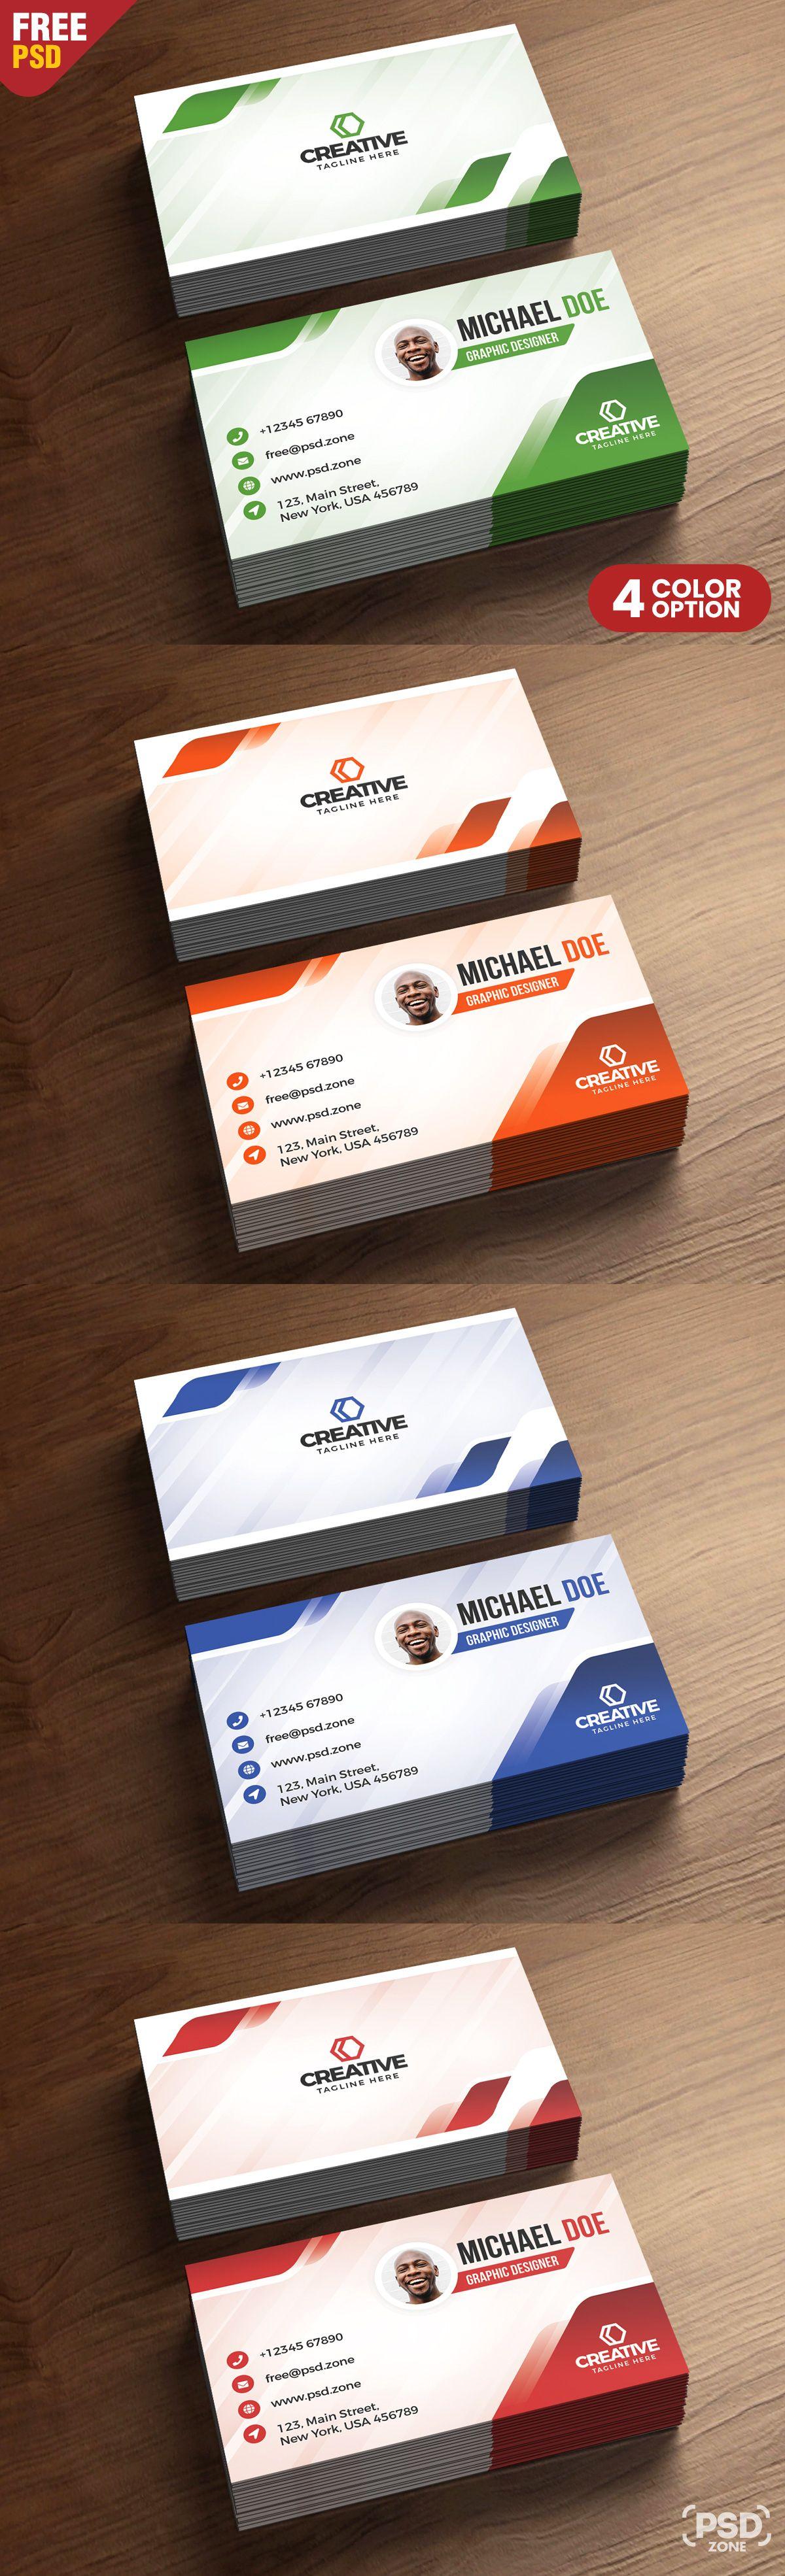 Modern Business Cards Design Psd Business Card Design Modern Business Cards Business Card Psd